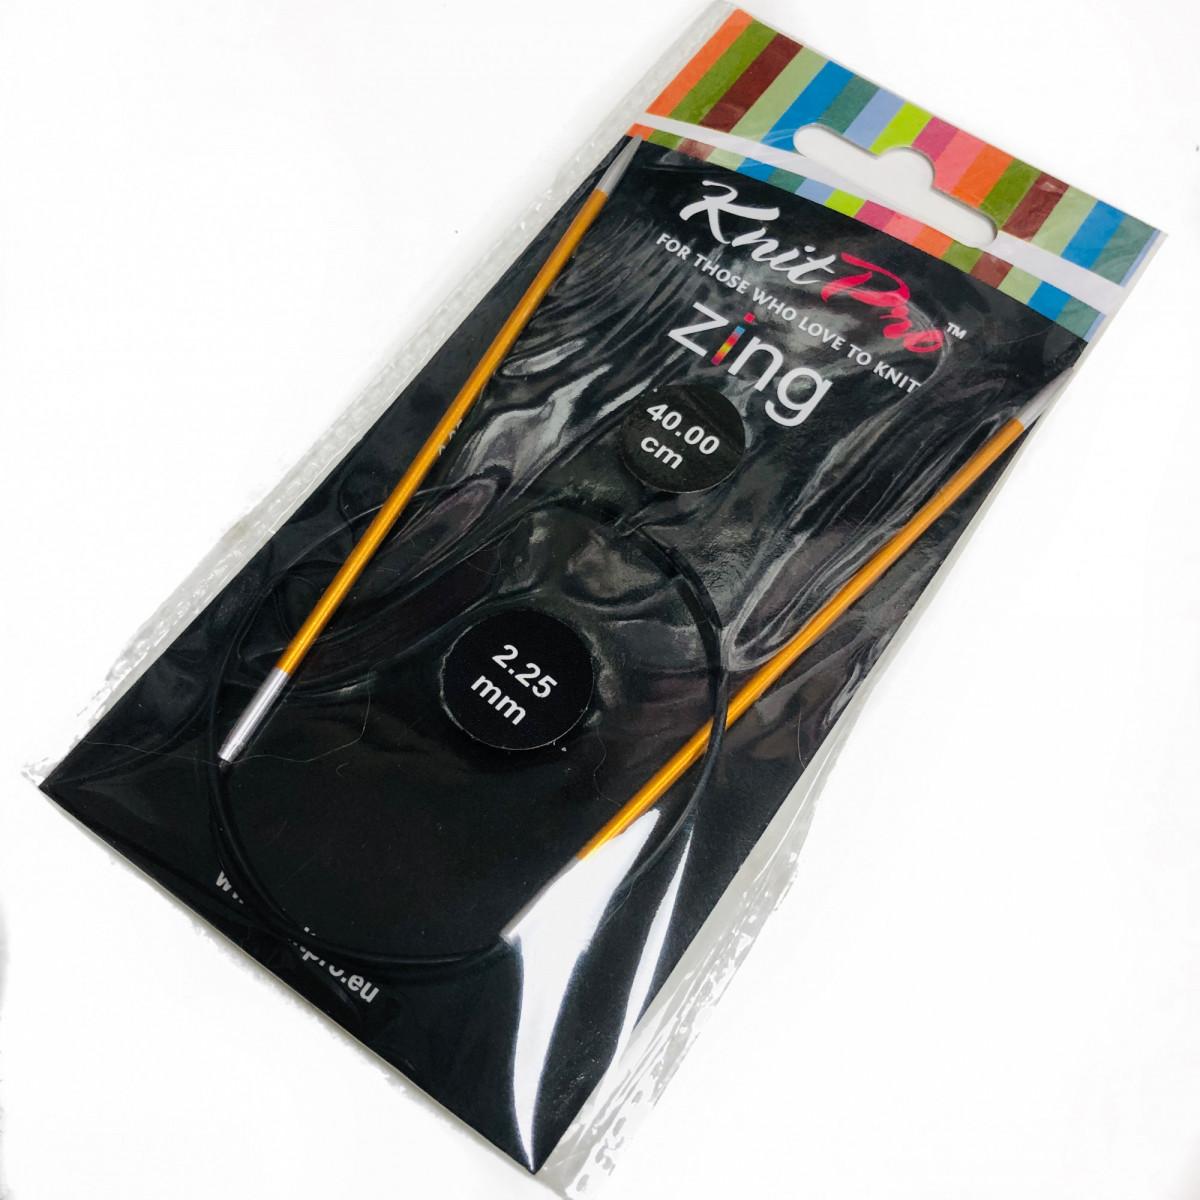 Спицы 2,5 Книт Про Зинг ( KnitPro Zing) леска 40 см